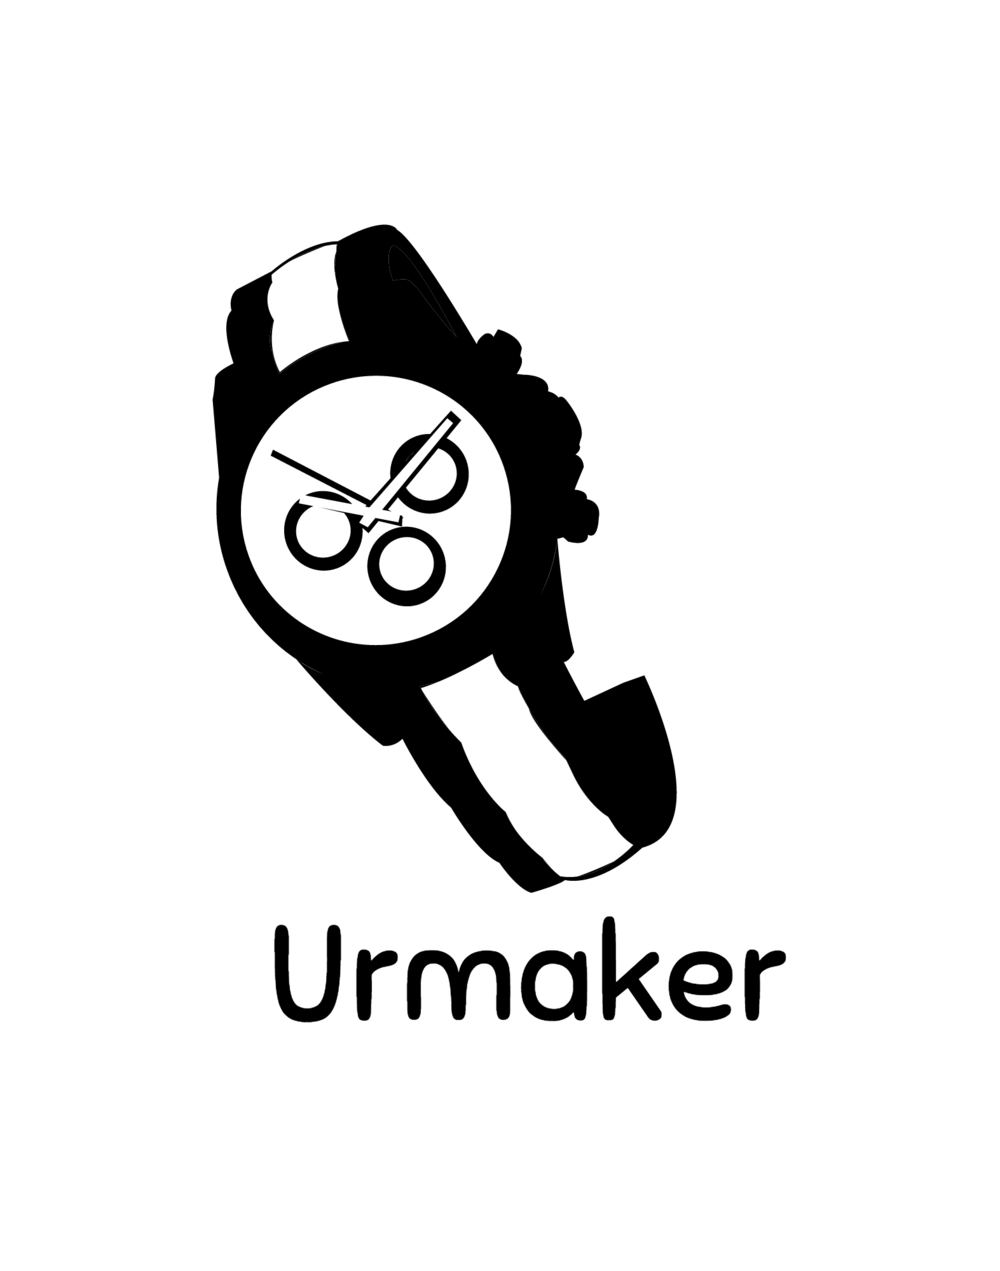 Urmaker-logo-black.png